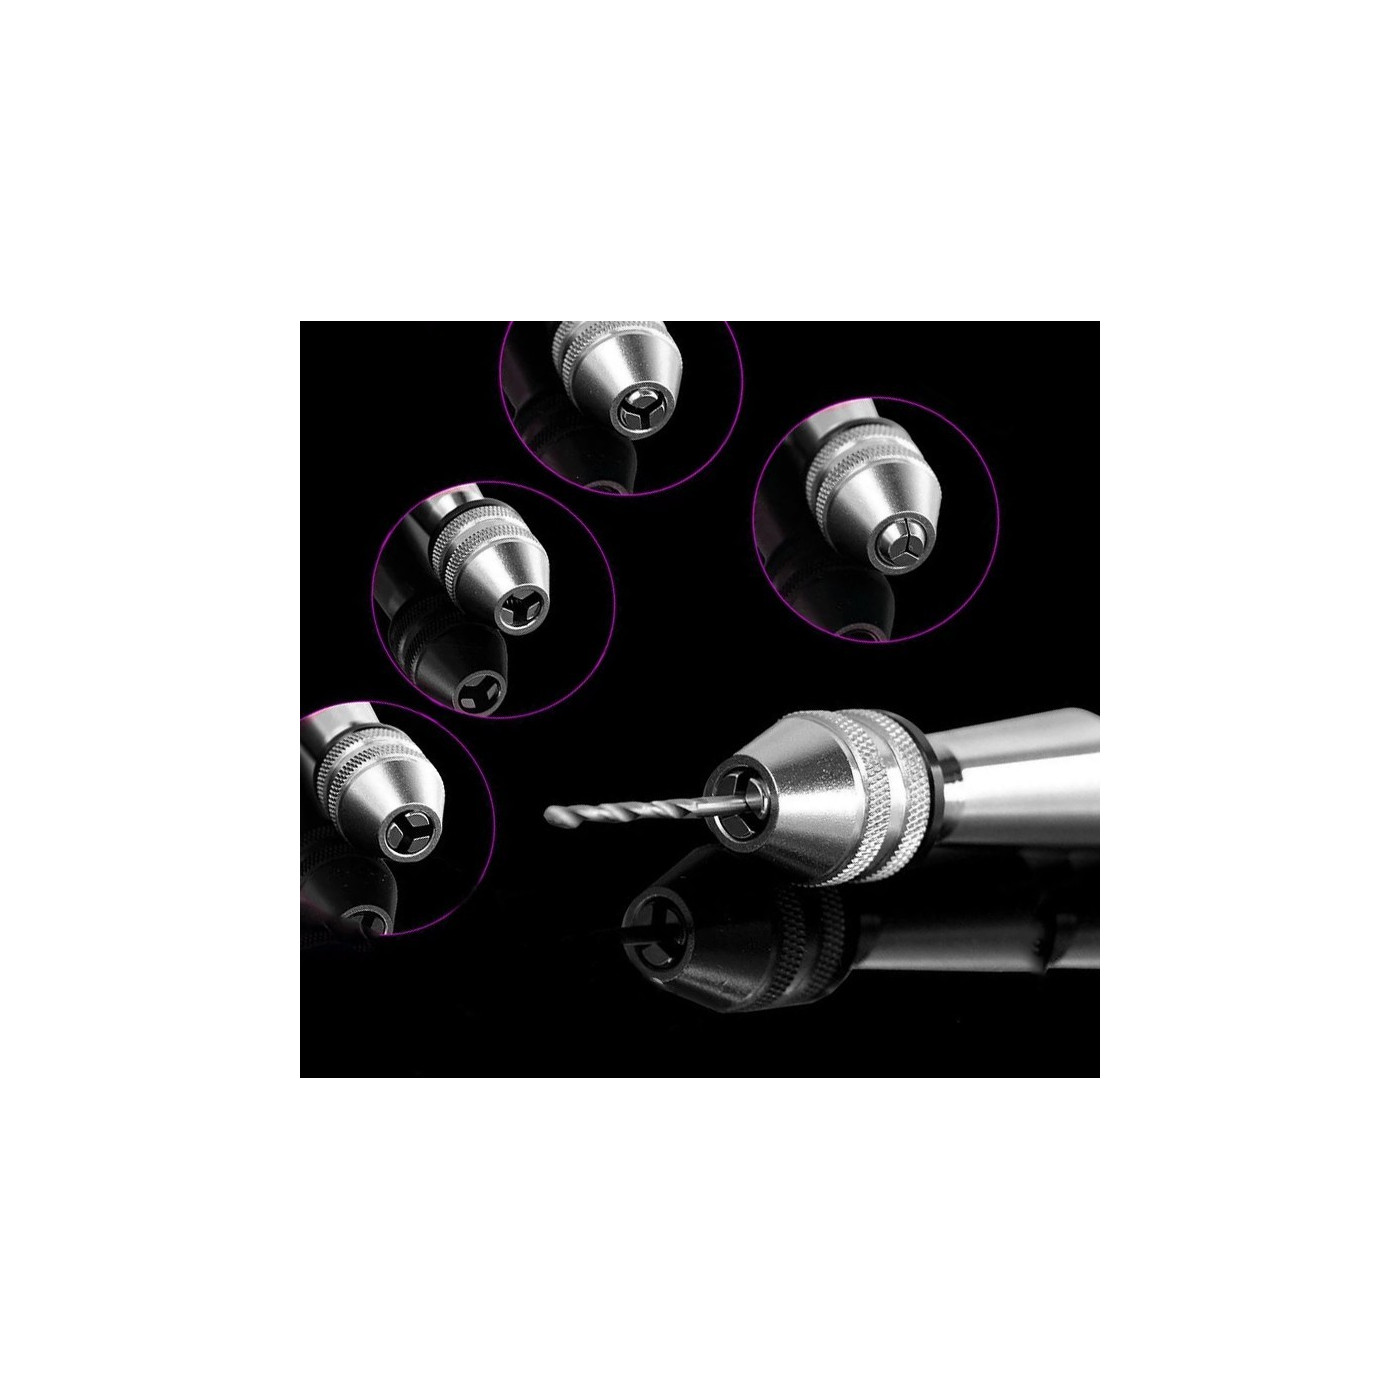 Handbohrer, silber, mit 10 Bohrer (0,8 - 3,0 mm)